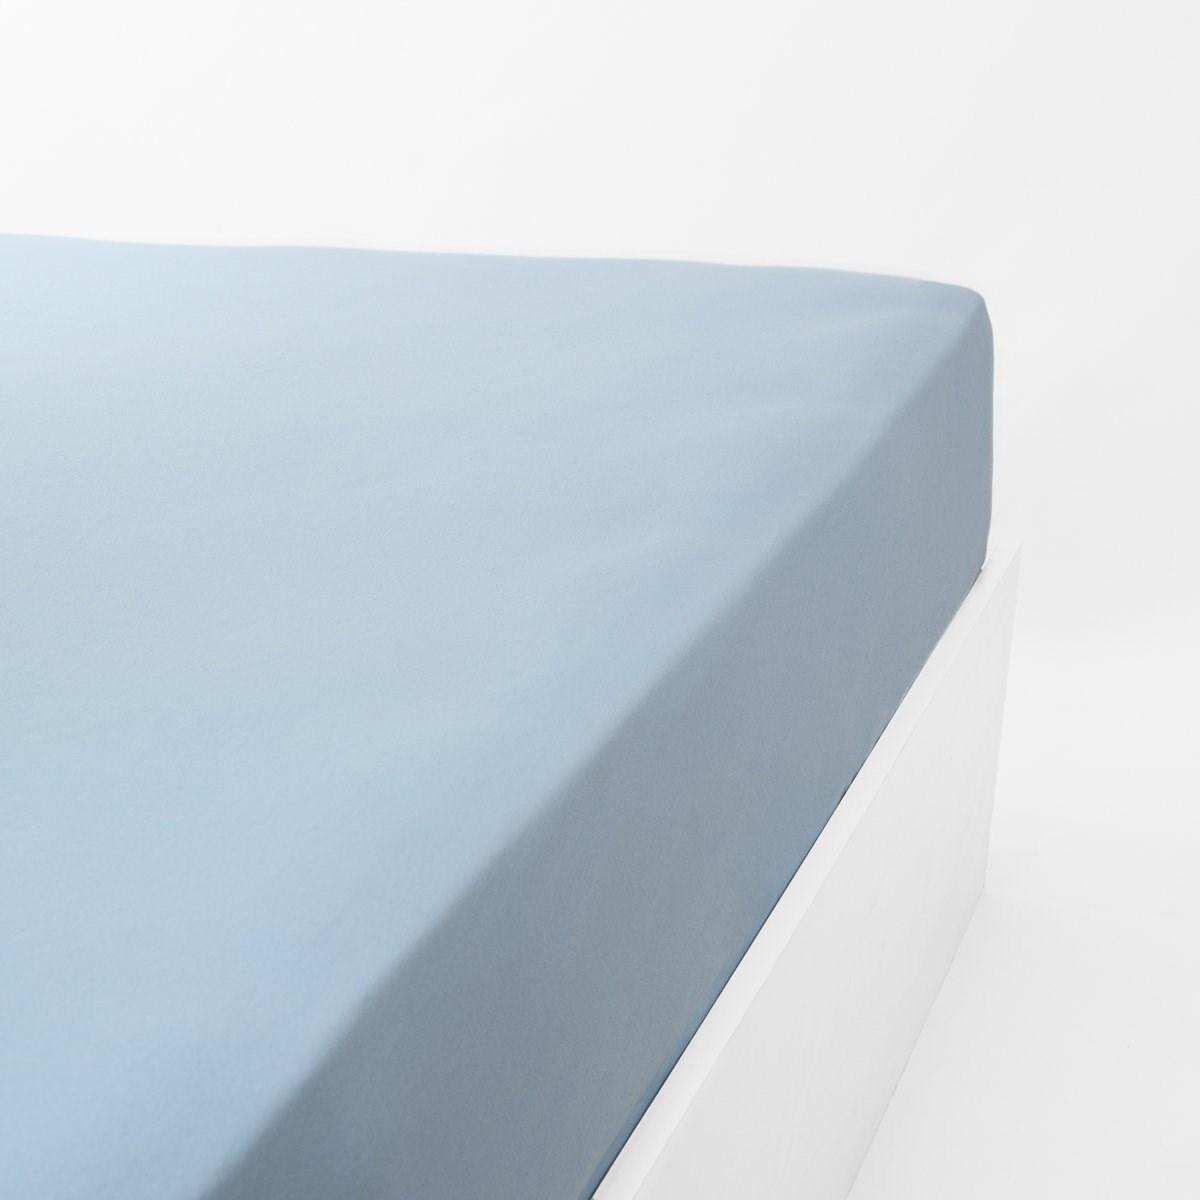 Drap housse jersey extensible en coton bleu clair 200x200 cm